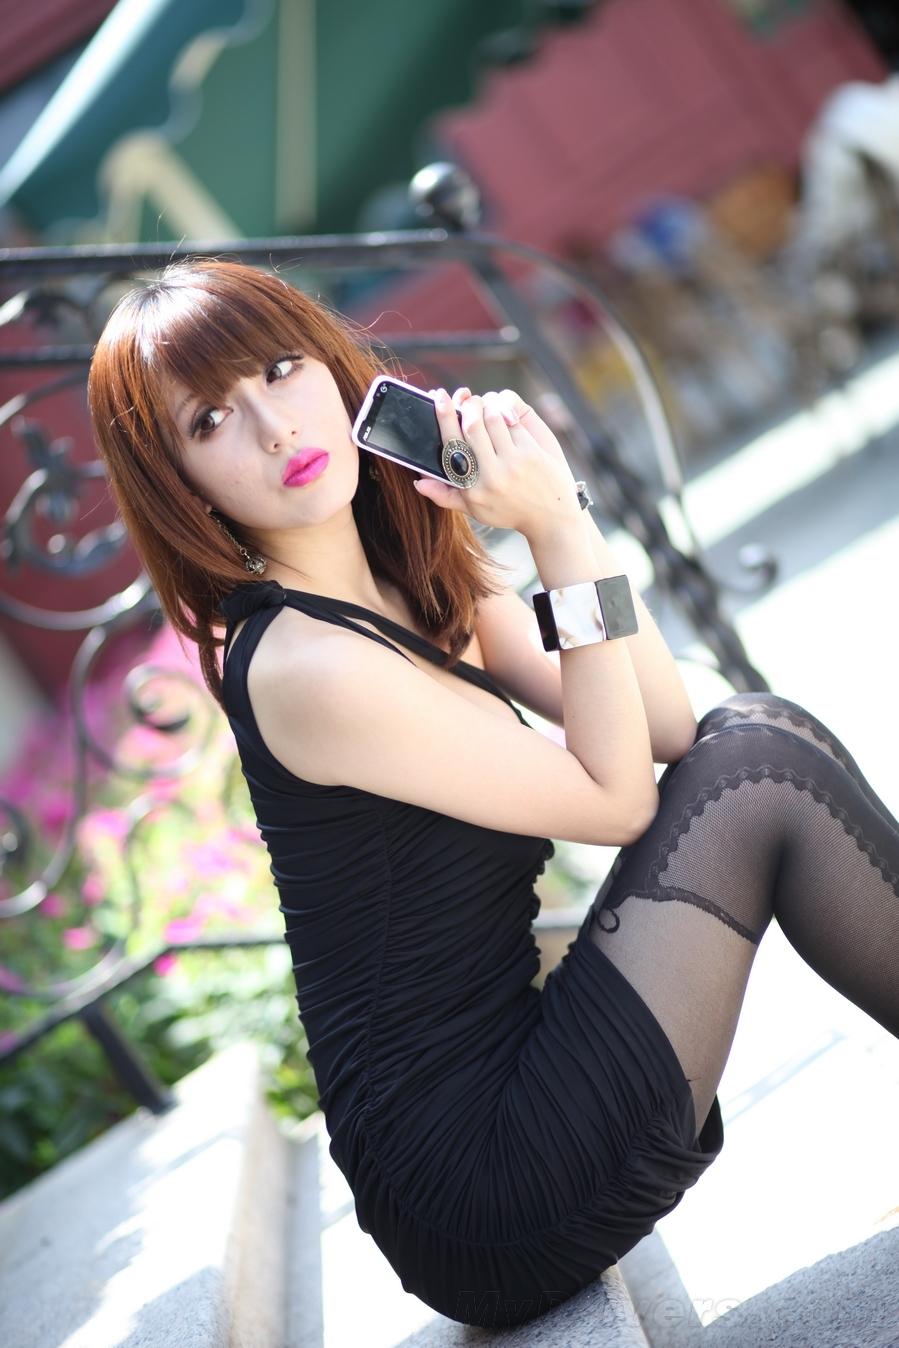 美女色刚身�_美女亲密接触 华硕t20手机美图赏析